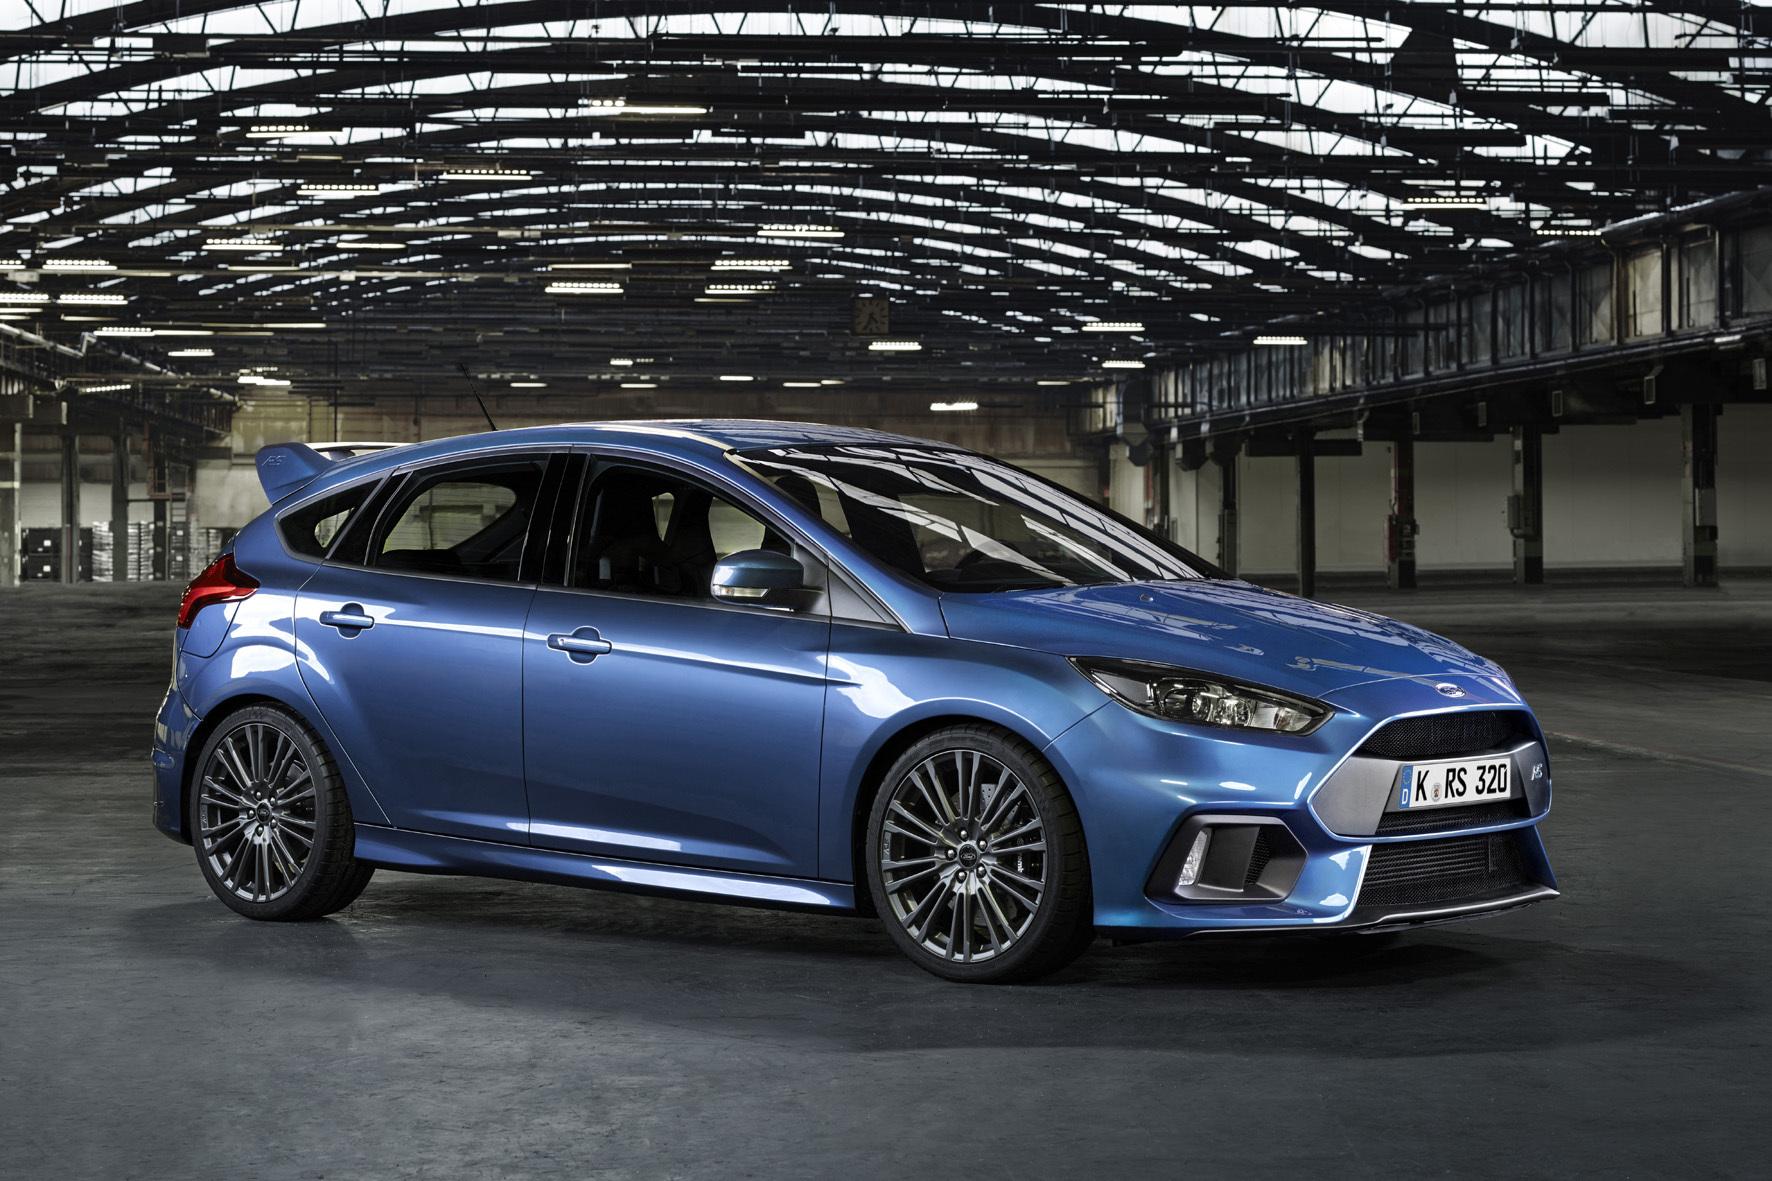 mid Essen - Ford bringt den 350 PS starken Focus RS nach Essen. Der kompakte Sportler soll die Kraft dank seines Allradantriebs souverän auf den Asphalt übertragen.